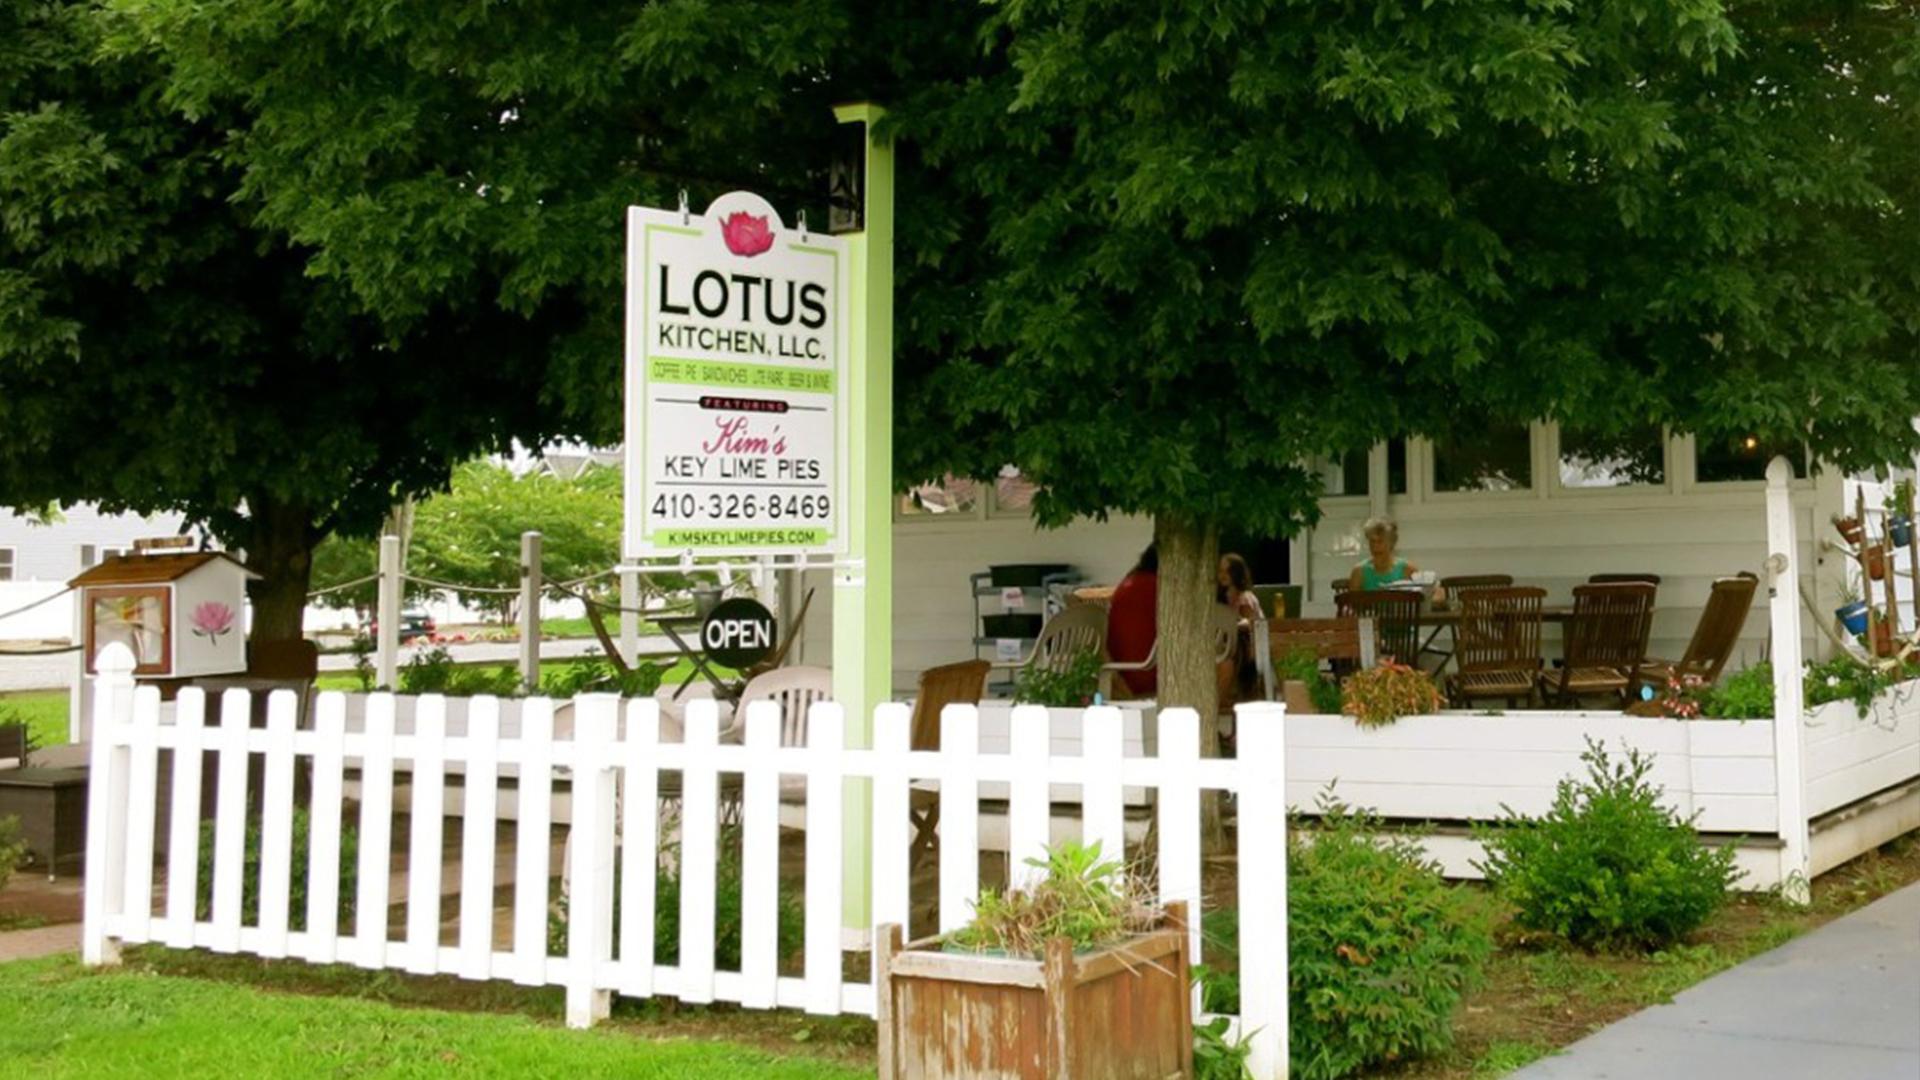 Lotus Kitchen